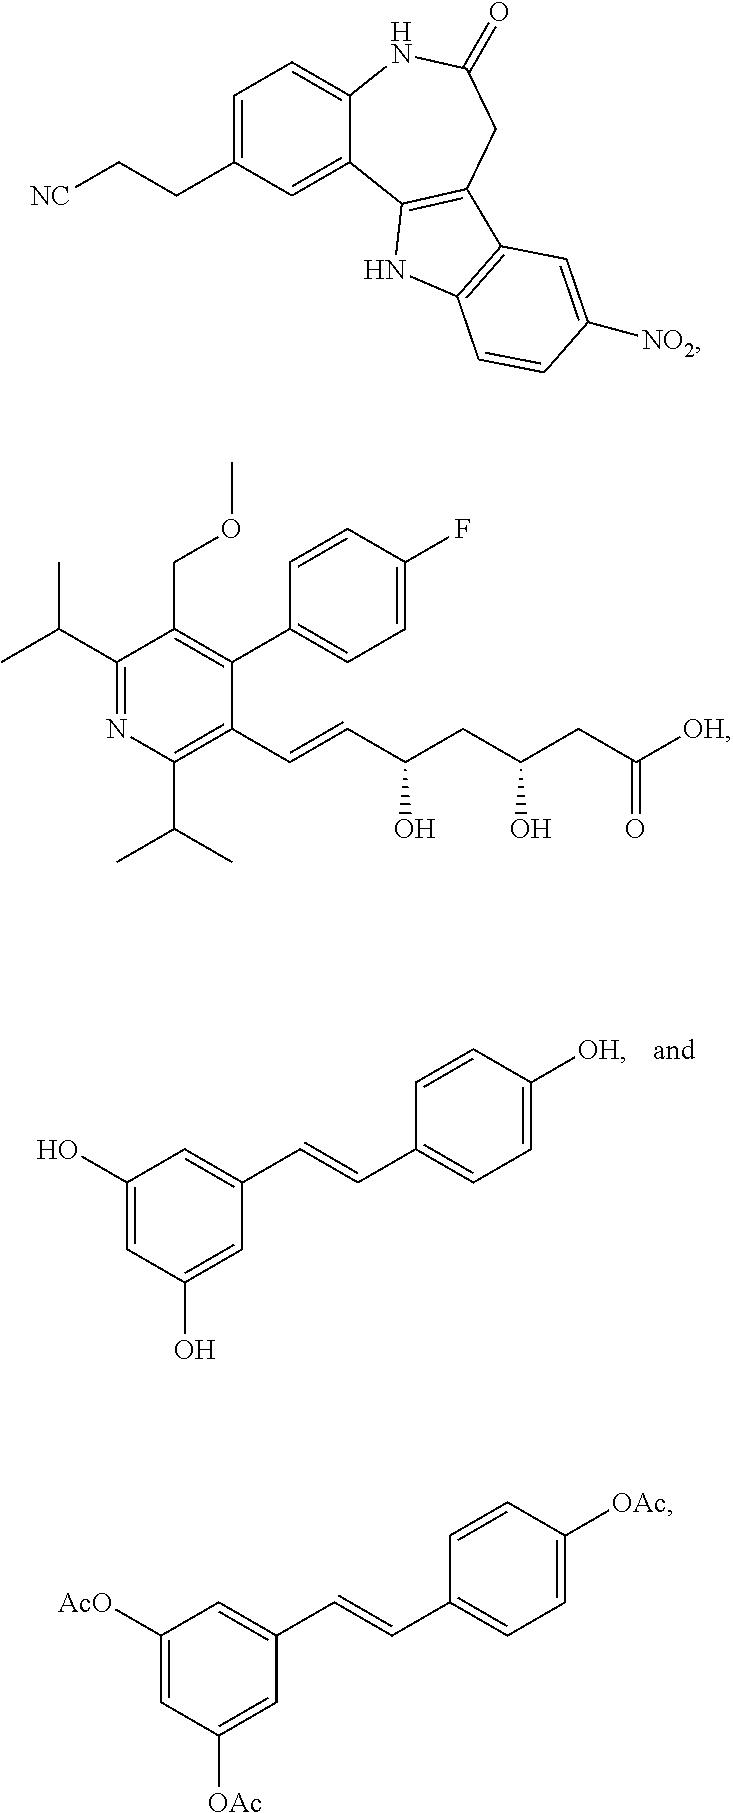 Figure US09572815-20170221-C00006